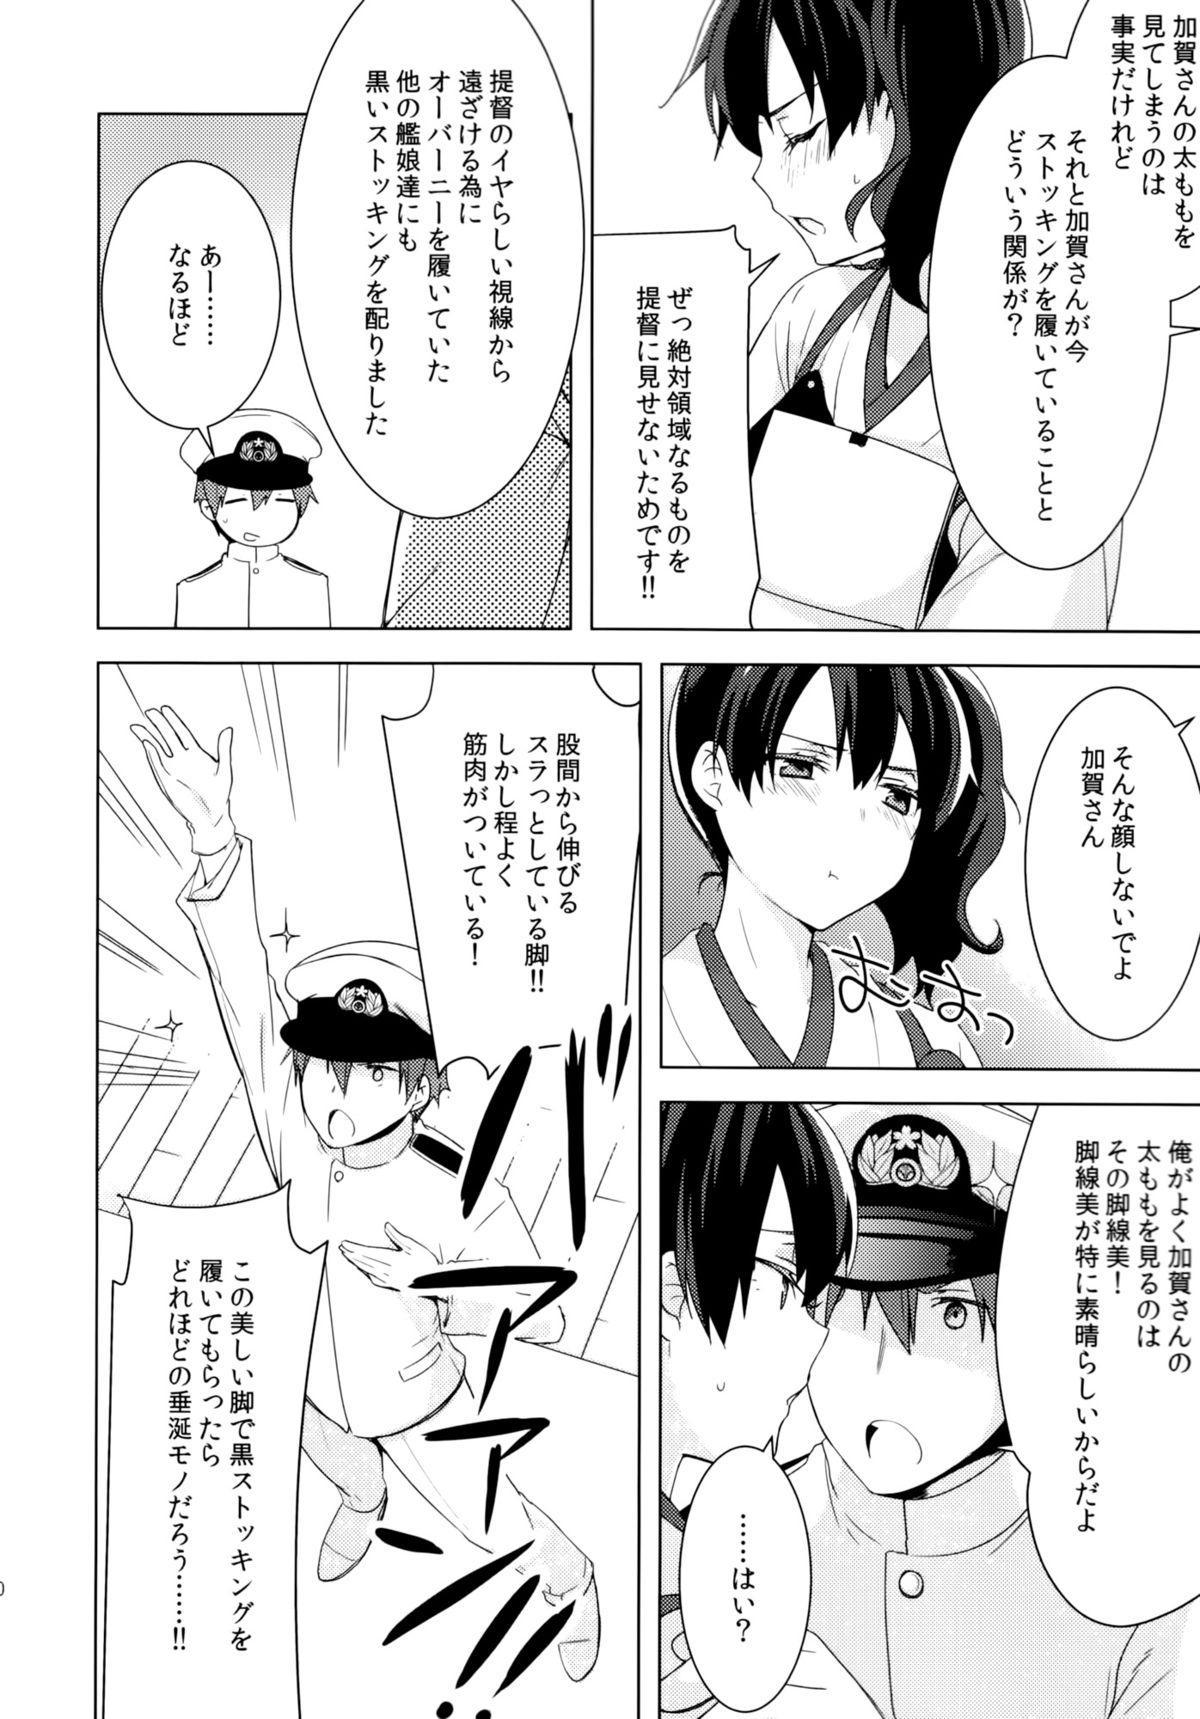 Teitoku no Goshumi 8